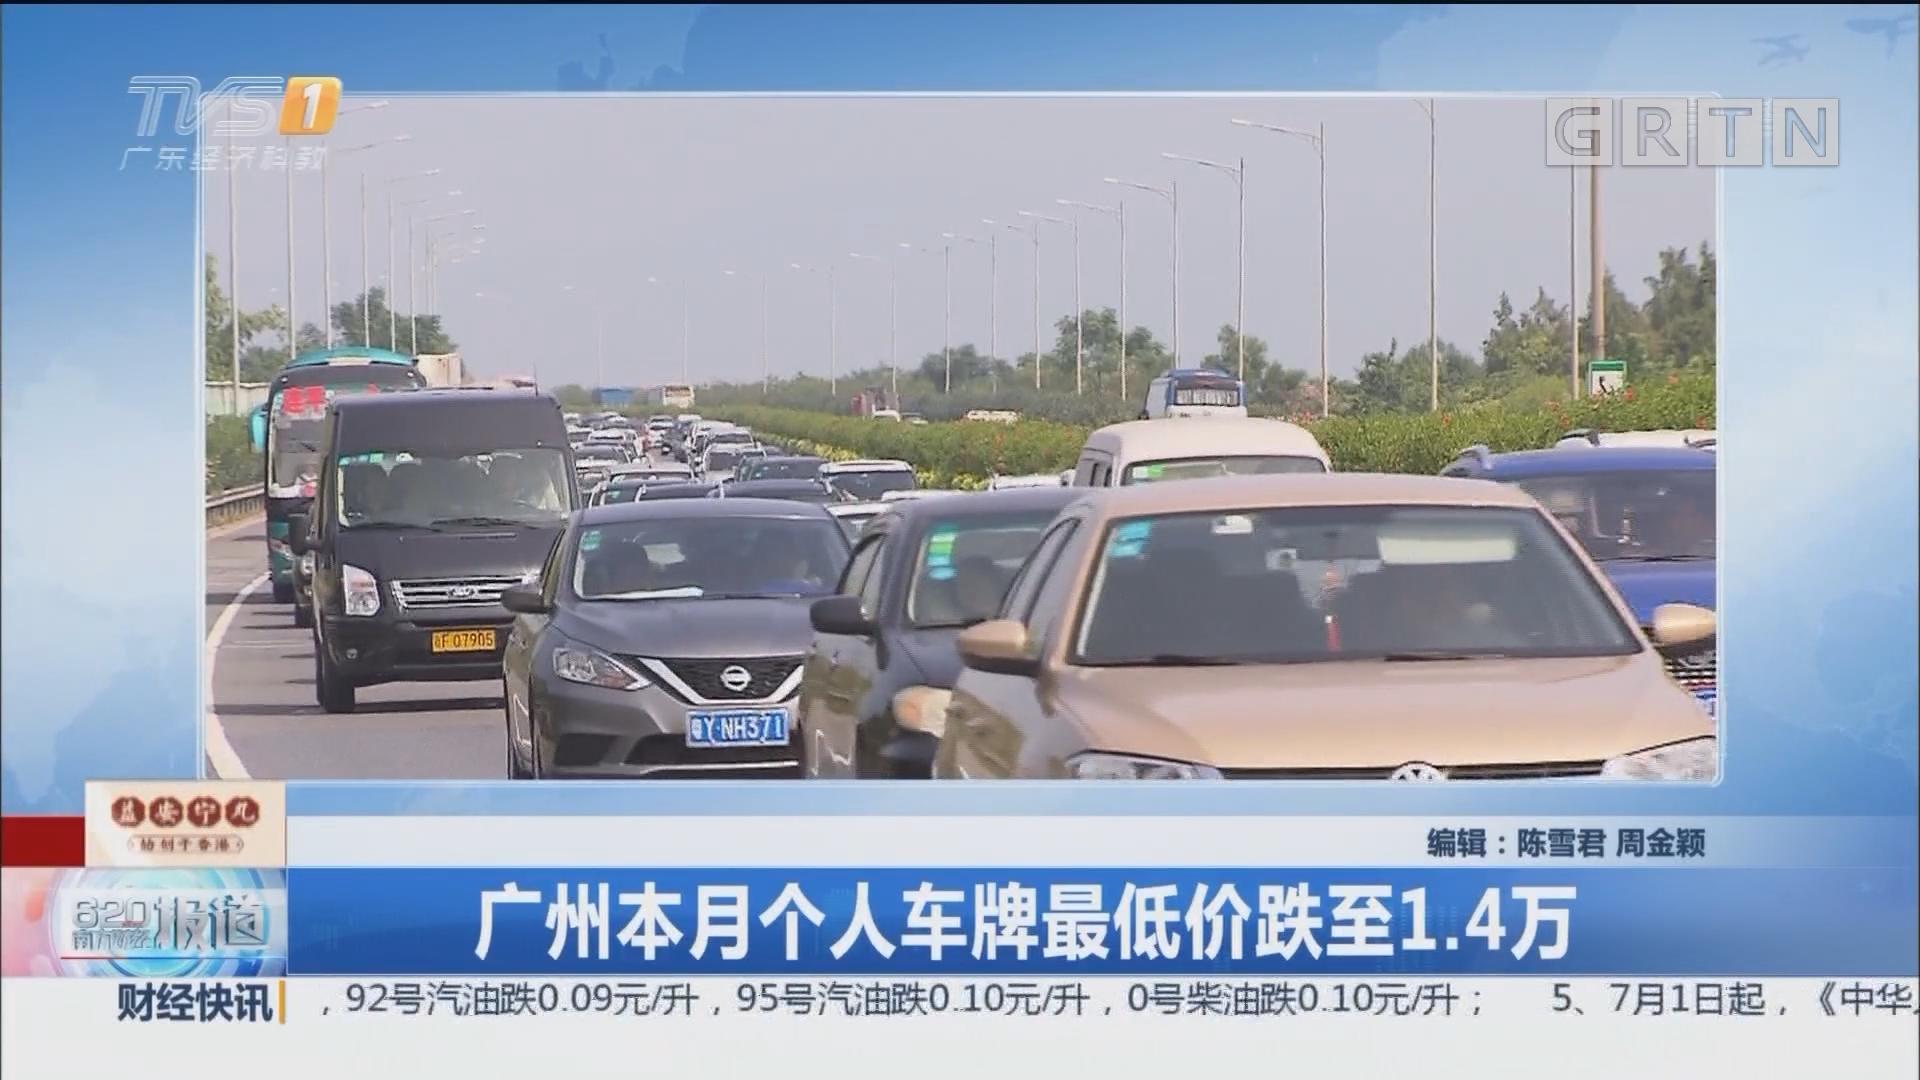 广州本月个人车牌最低价跌至1.4万